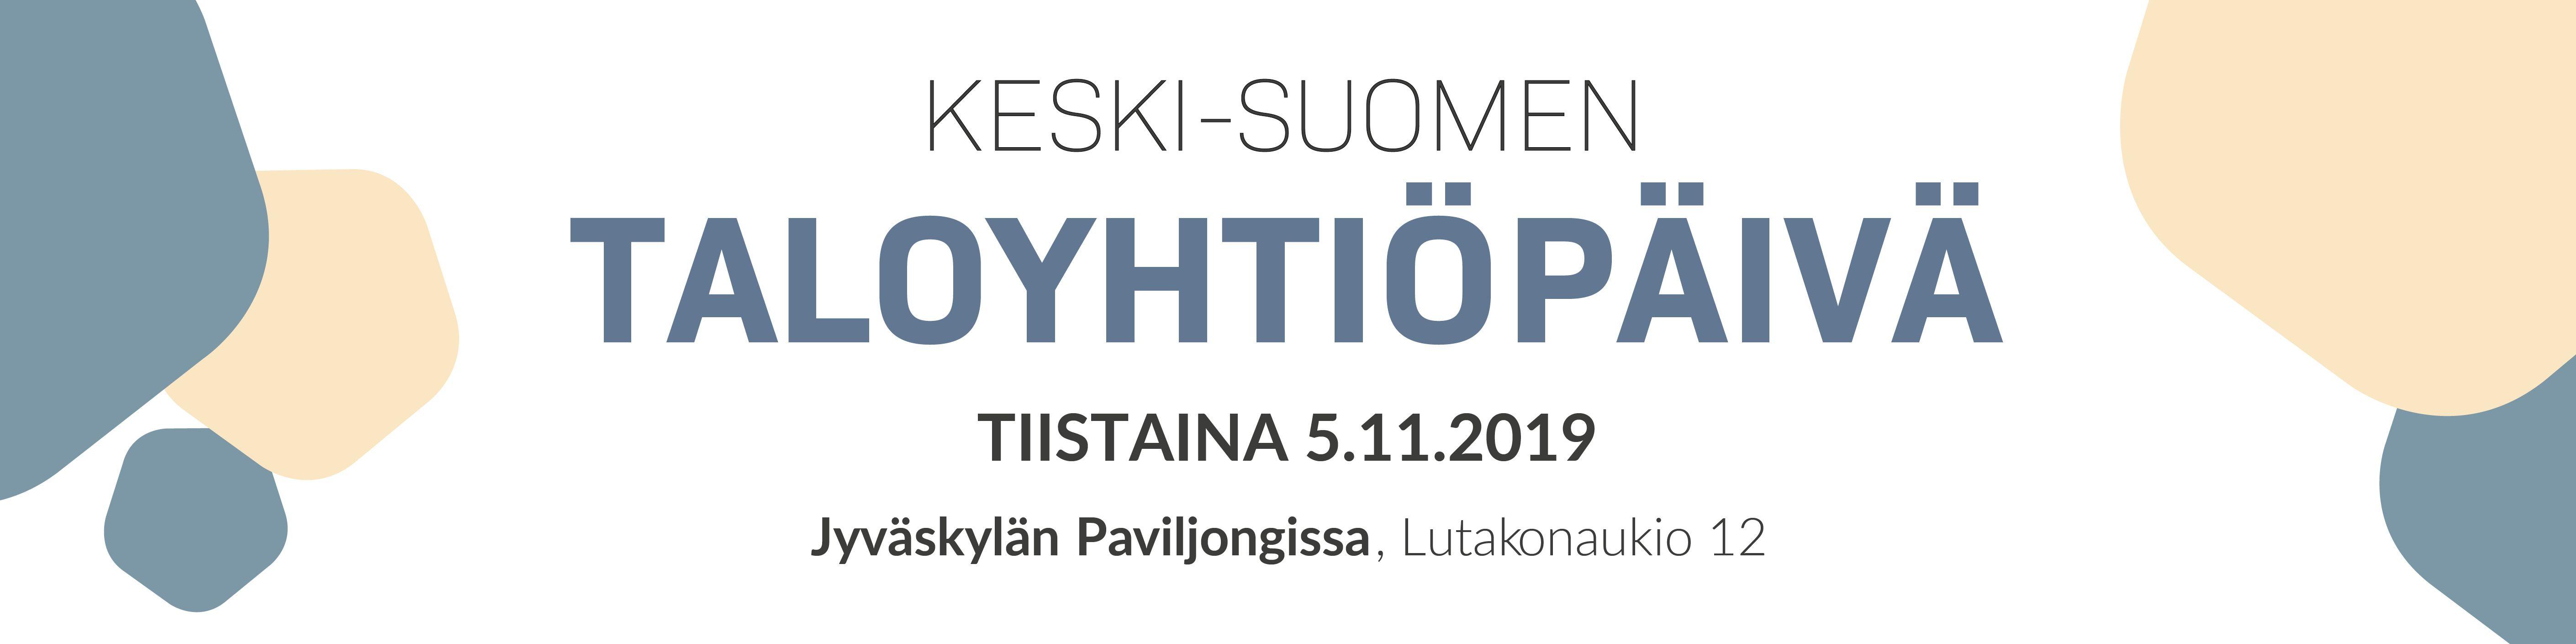 Anticimex mukana Keski-Suomen taloyhtiöpäivillä